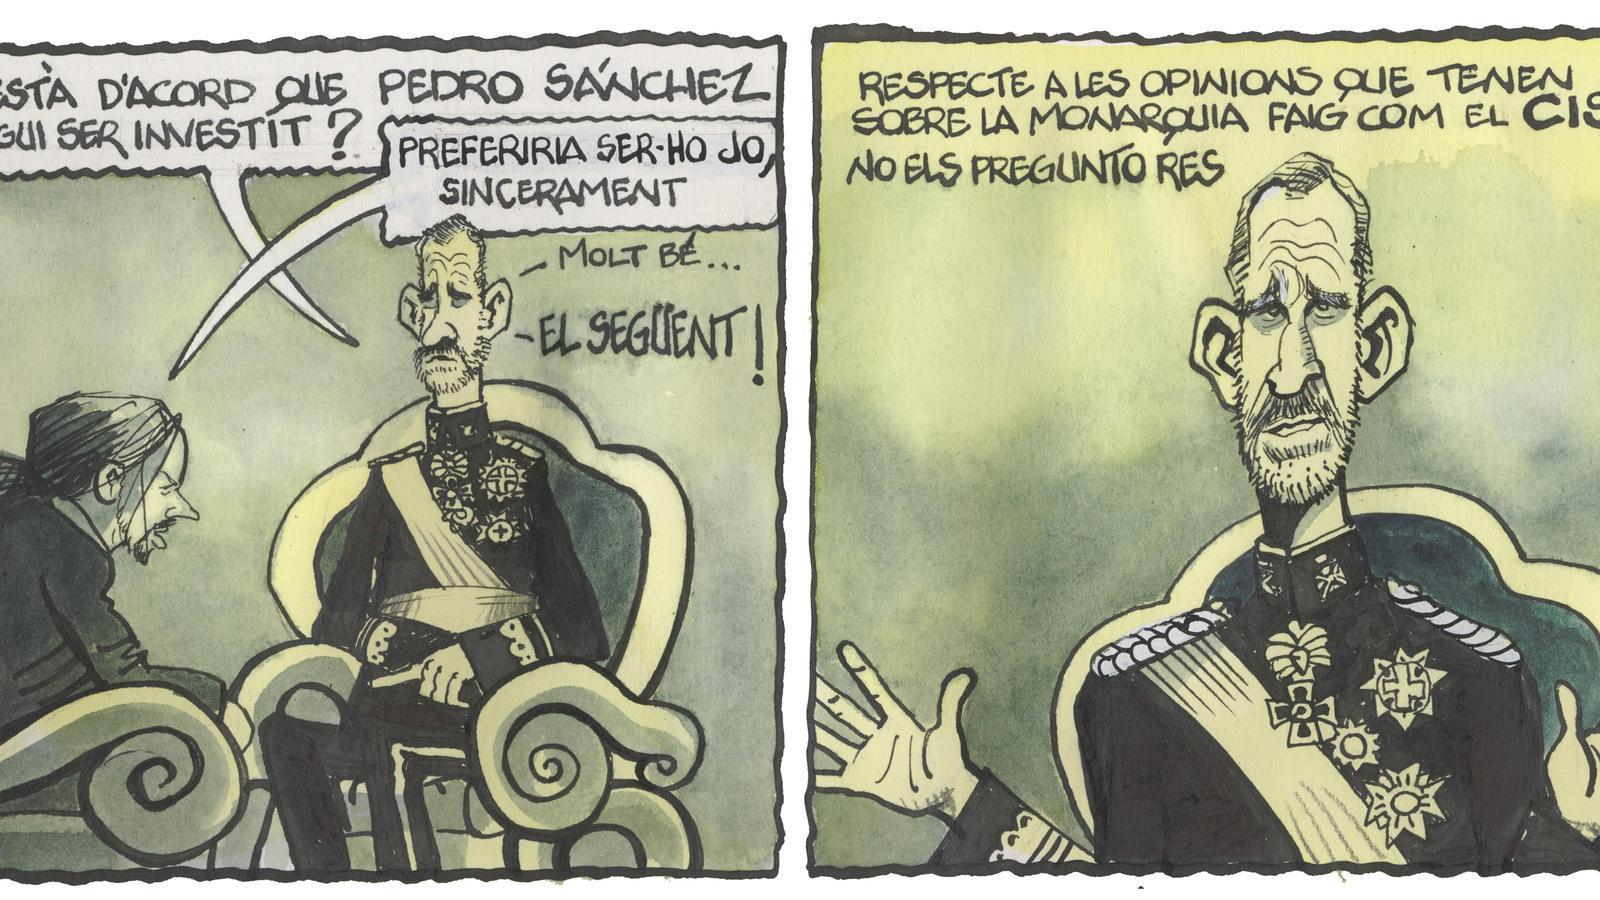 'A la contra', per Ferreres (17/09/2019)